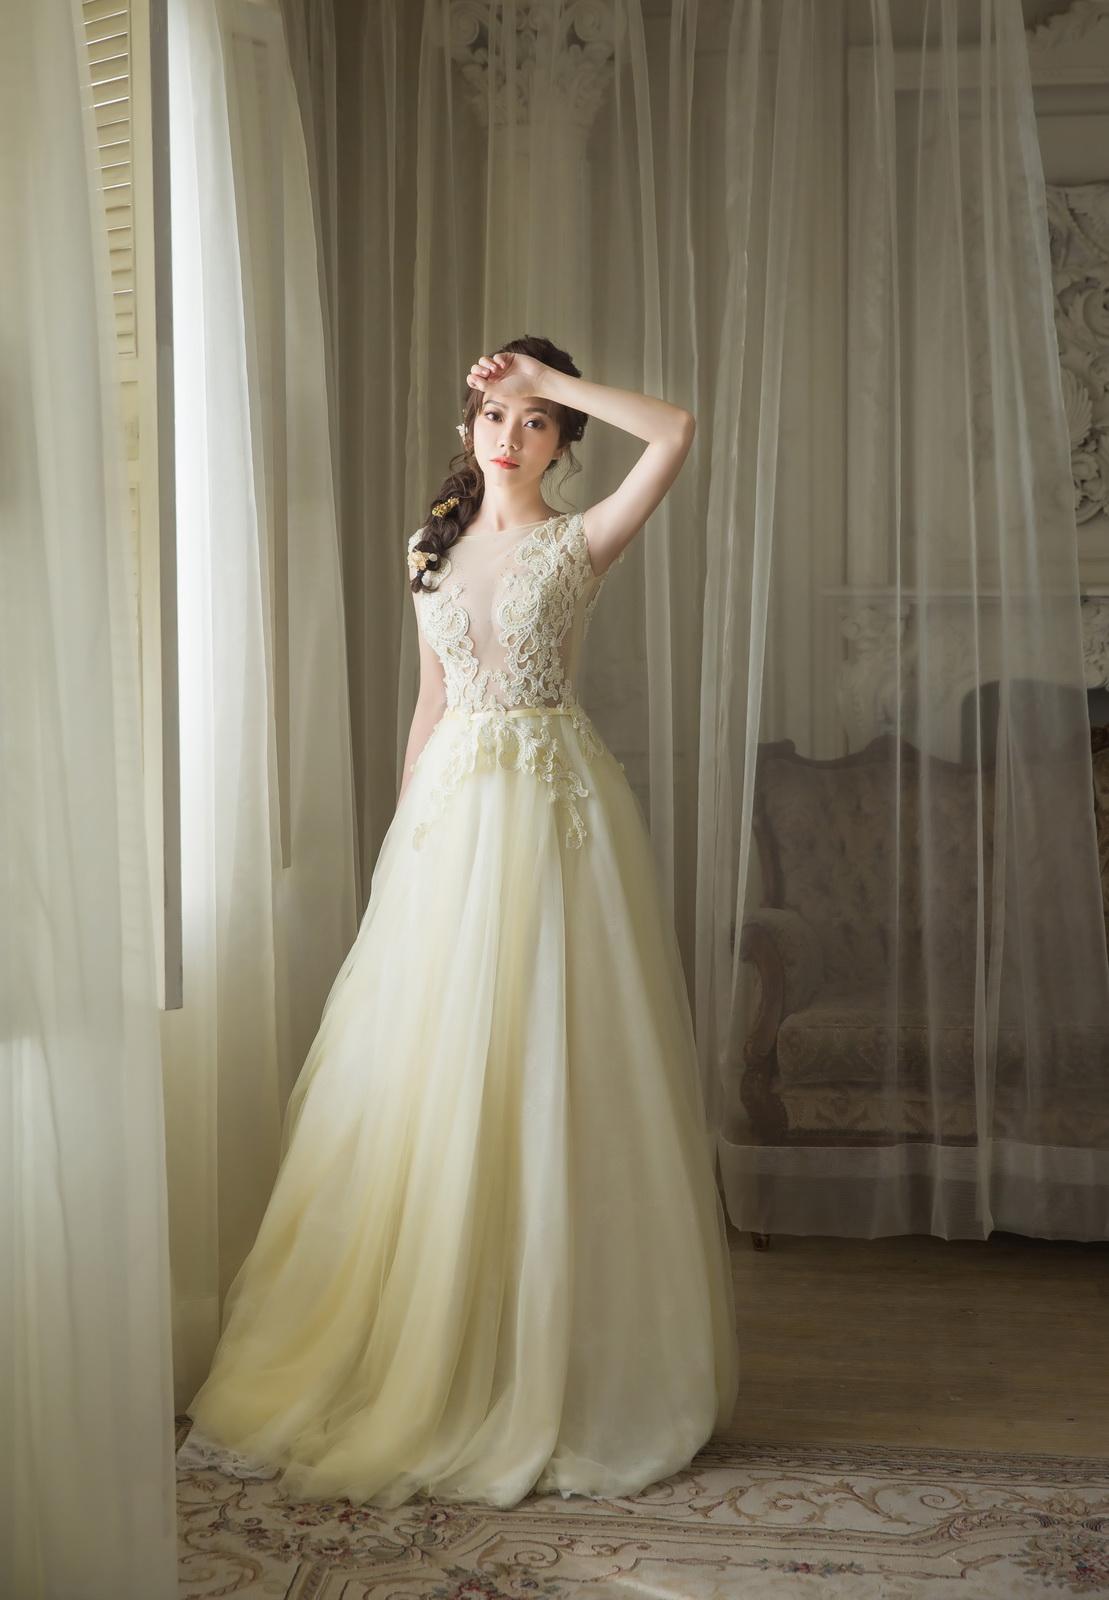 高雄法國台北婚紗|新娘 優雅